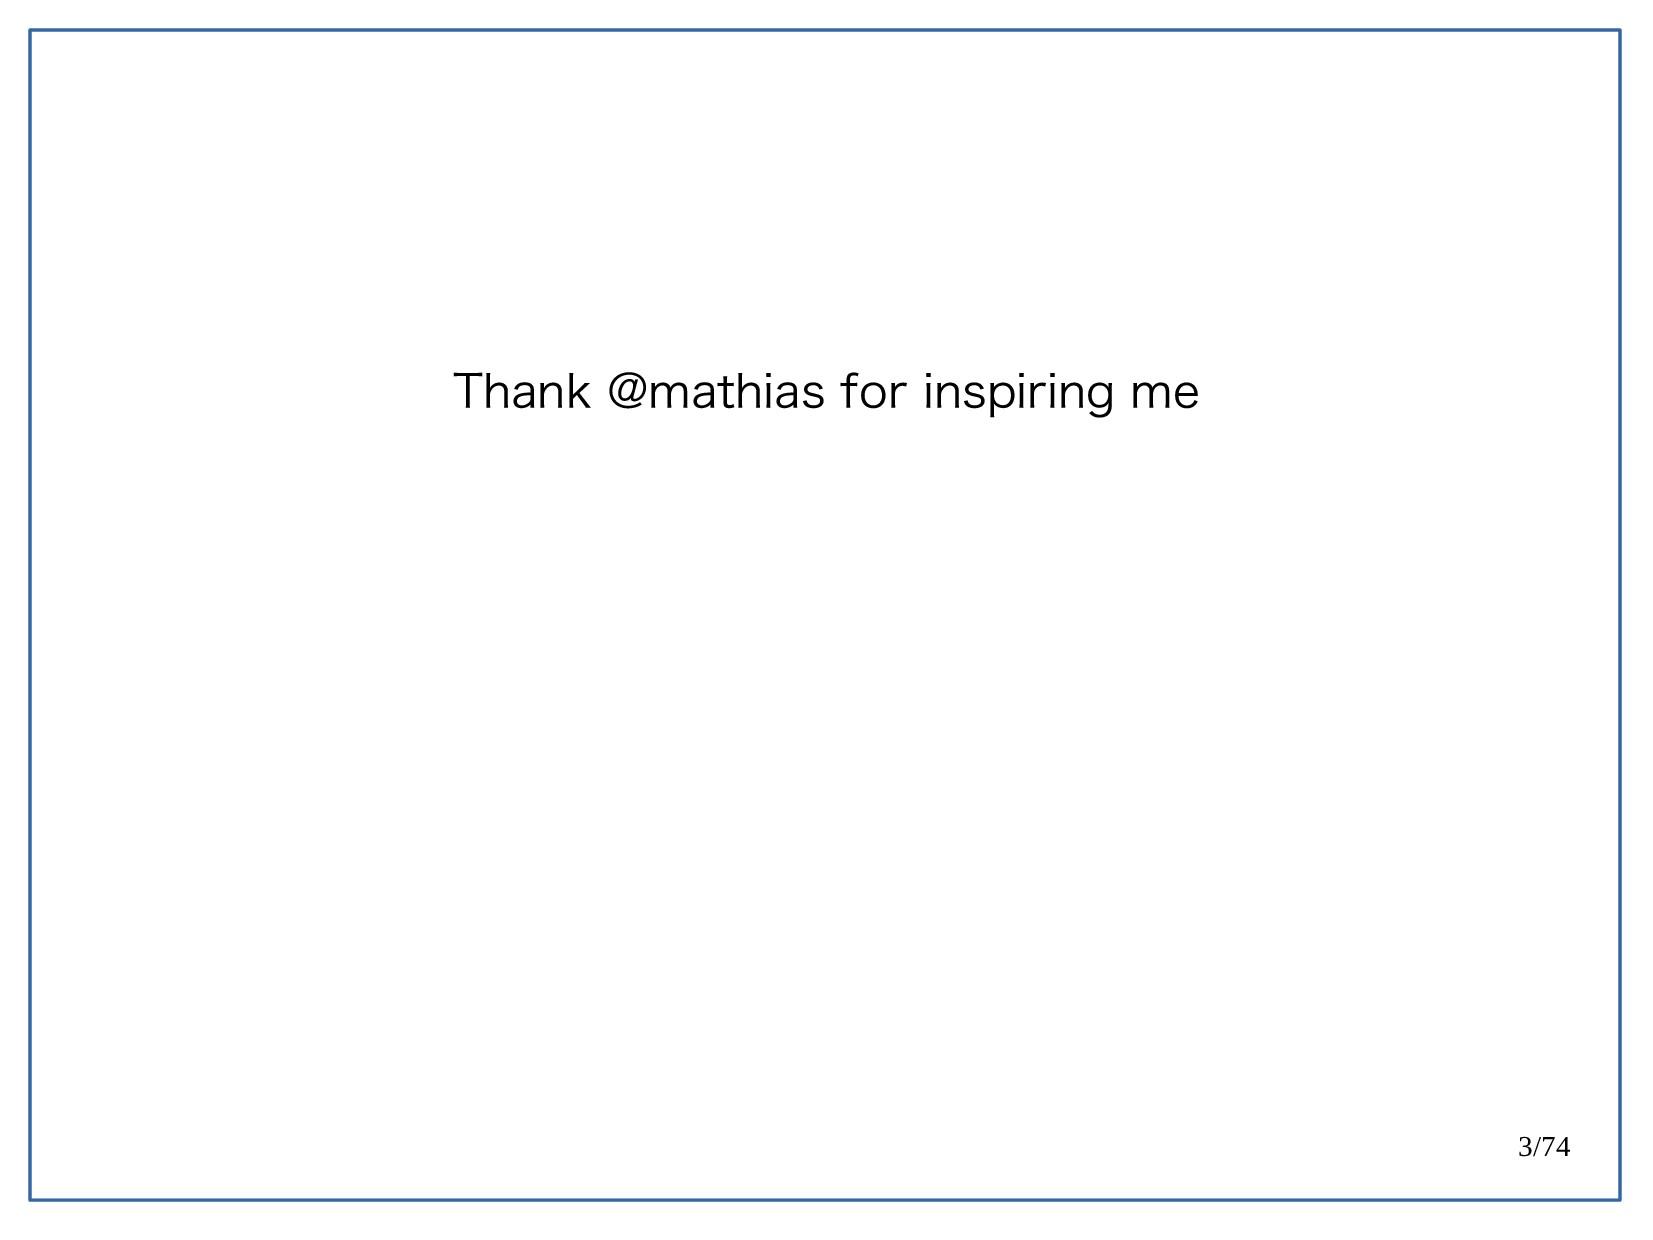 3/74 Thank @mathias for inspiring me